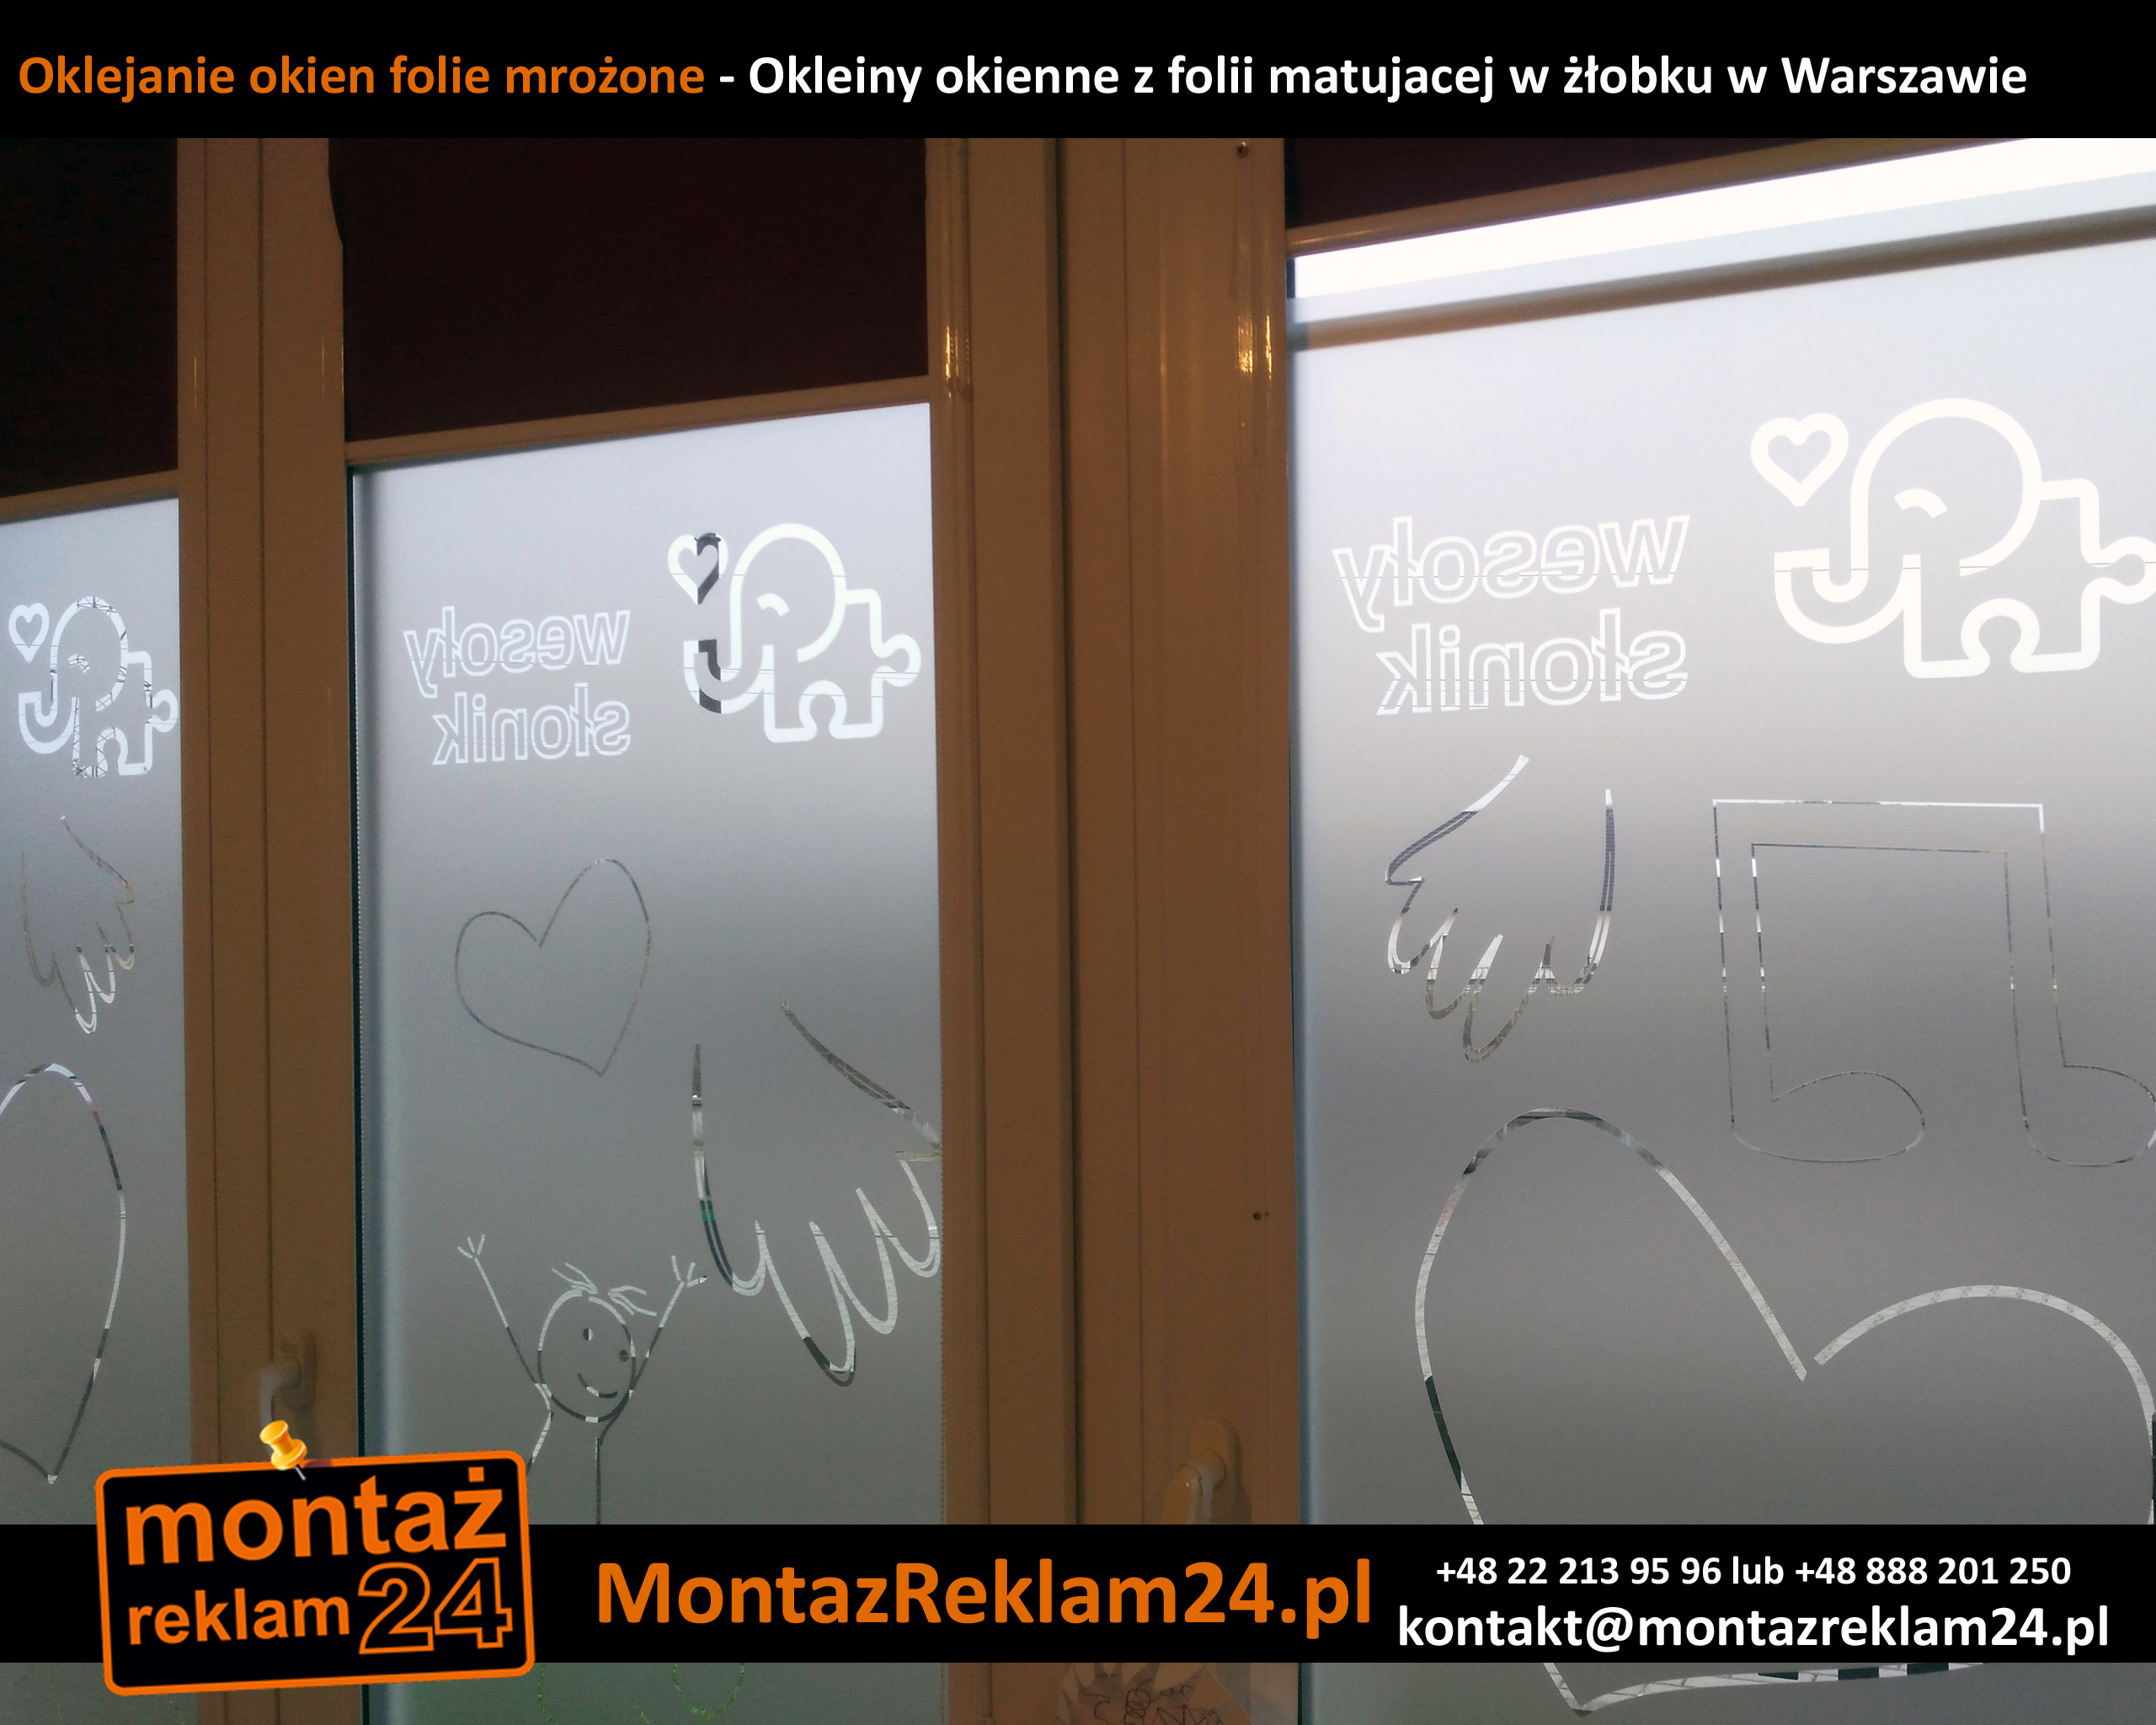 Oklejanie okien folie mrożone - Okleiny okienne z folii matujacej w żłobku w Warszawie.jpg